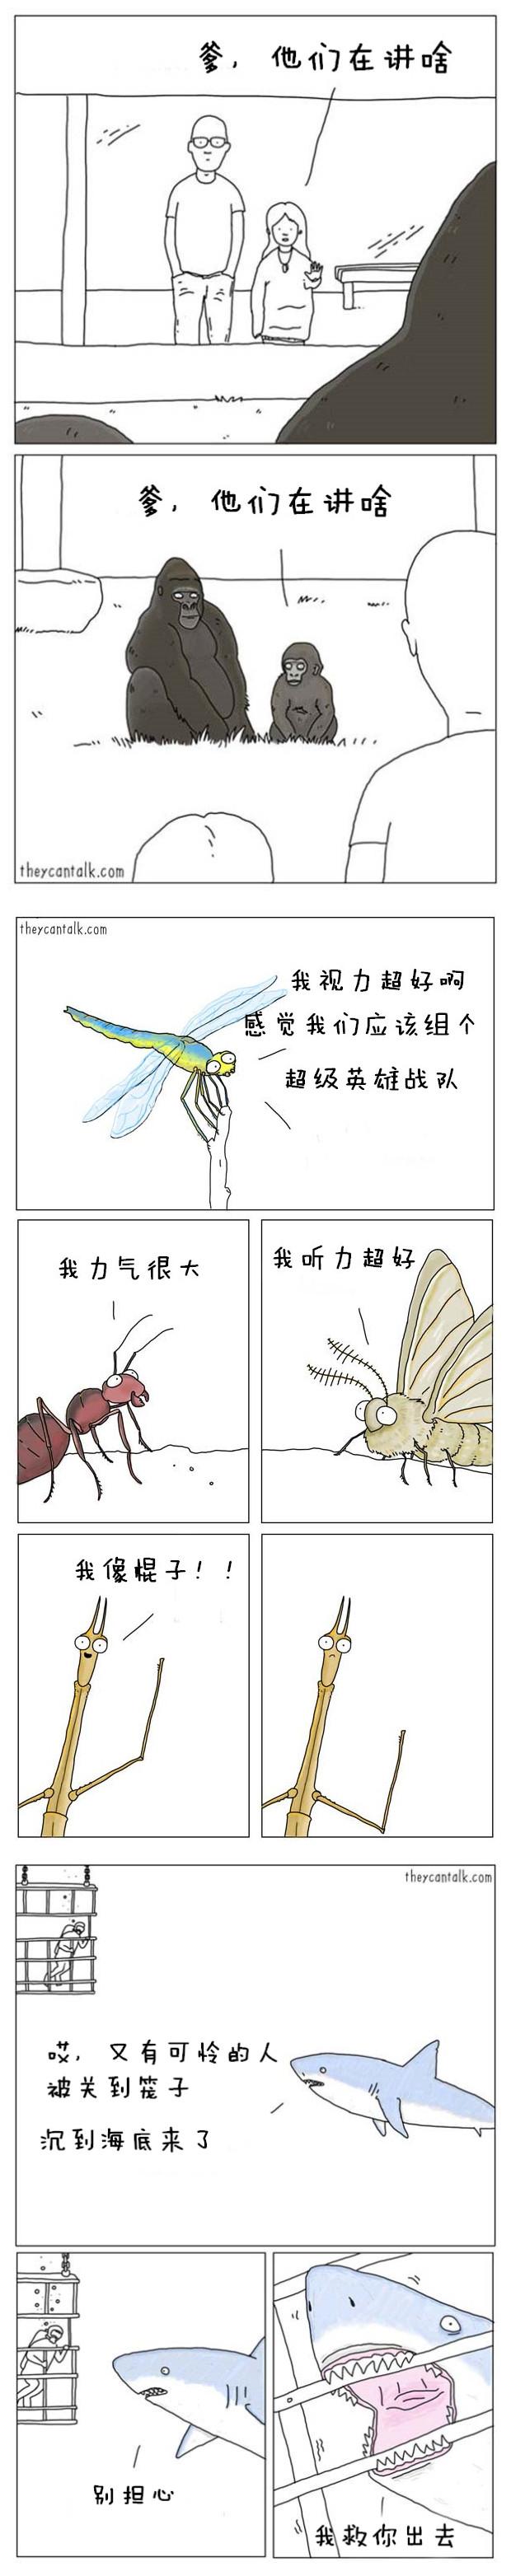 动物能不能说话不知道